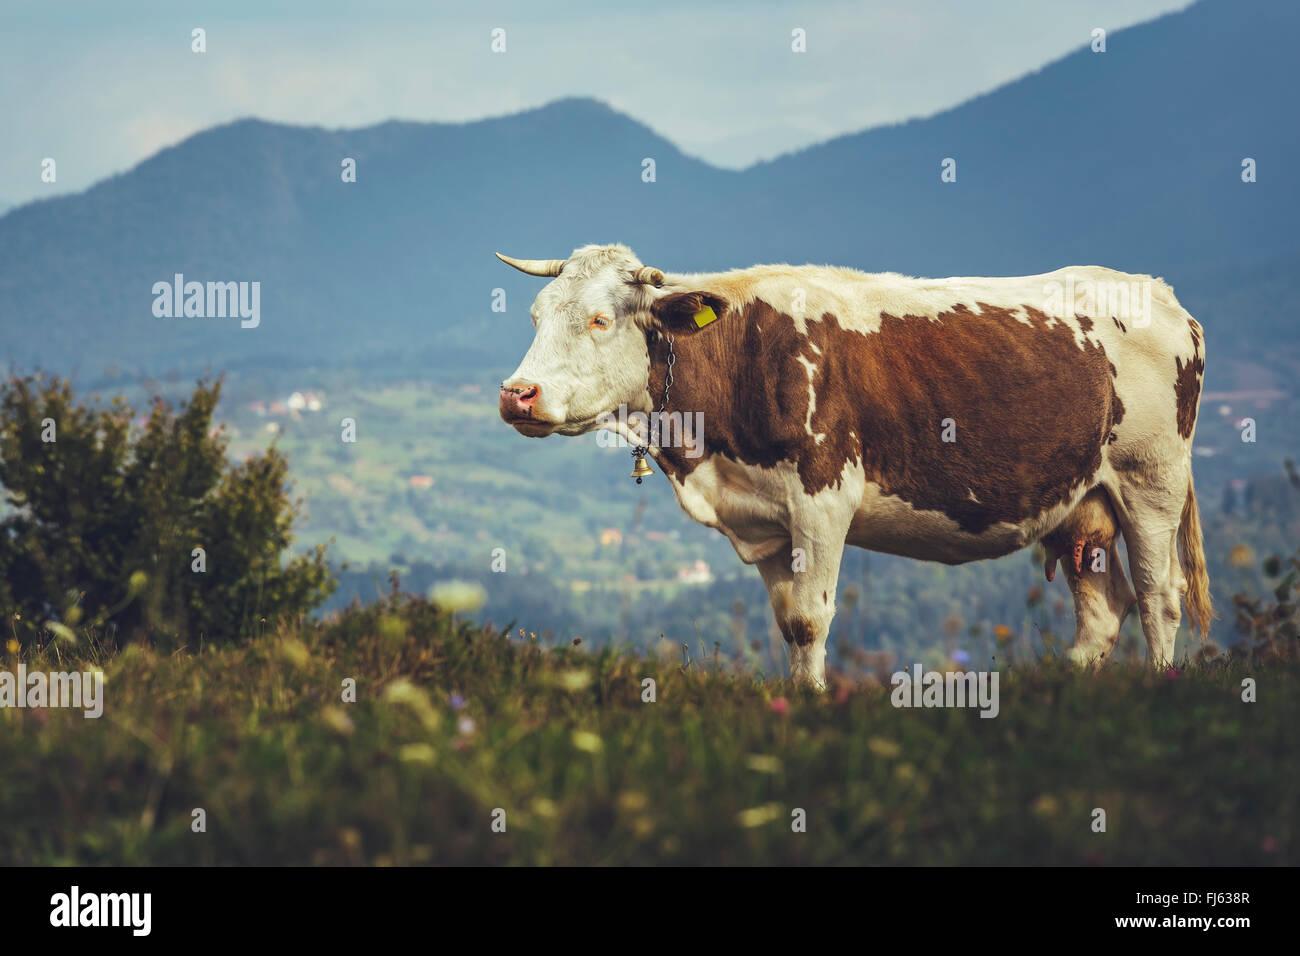 Brown spotted raza holandesa vaca con Bell en una pradera en Transilvania, Rumania. La ganadería ecológica. Foto de stock